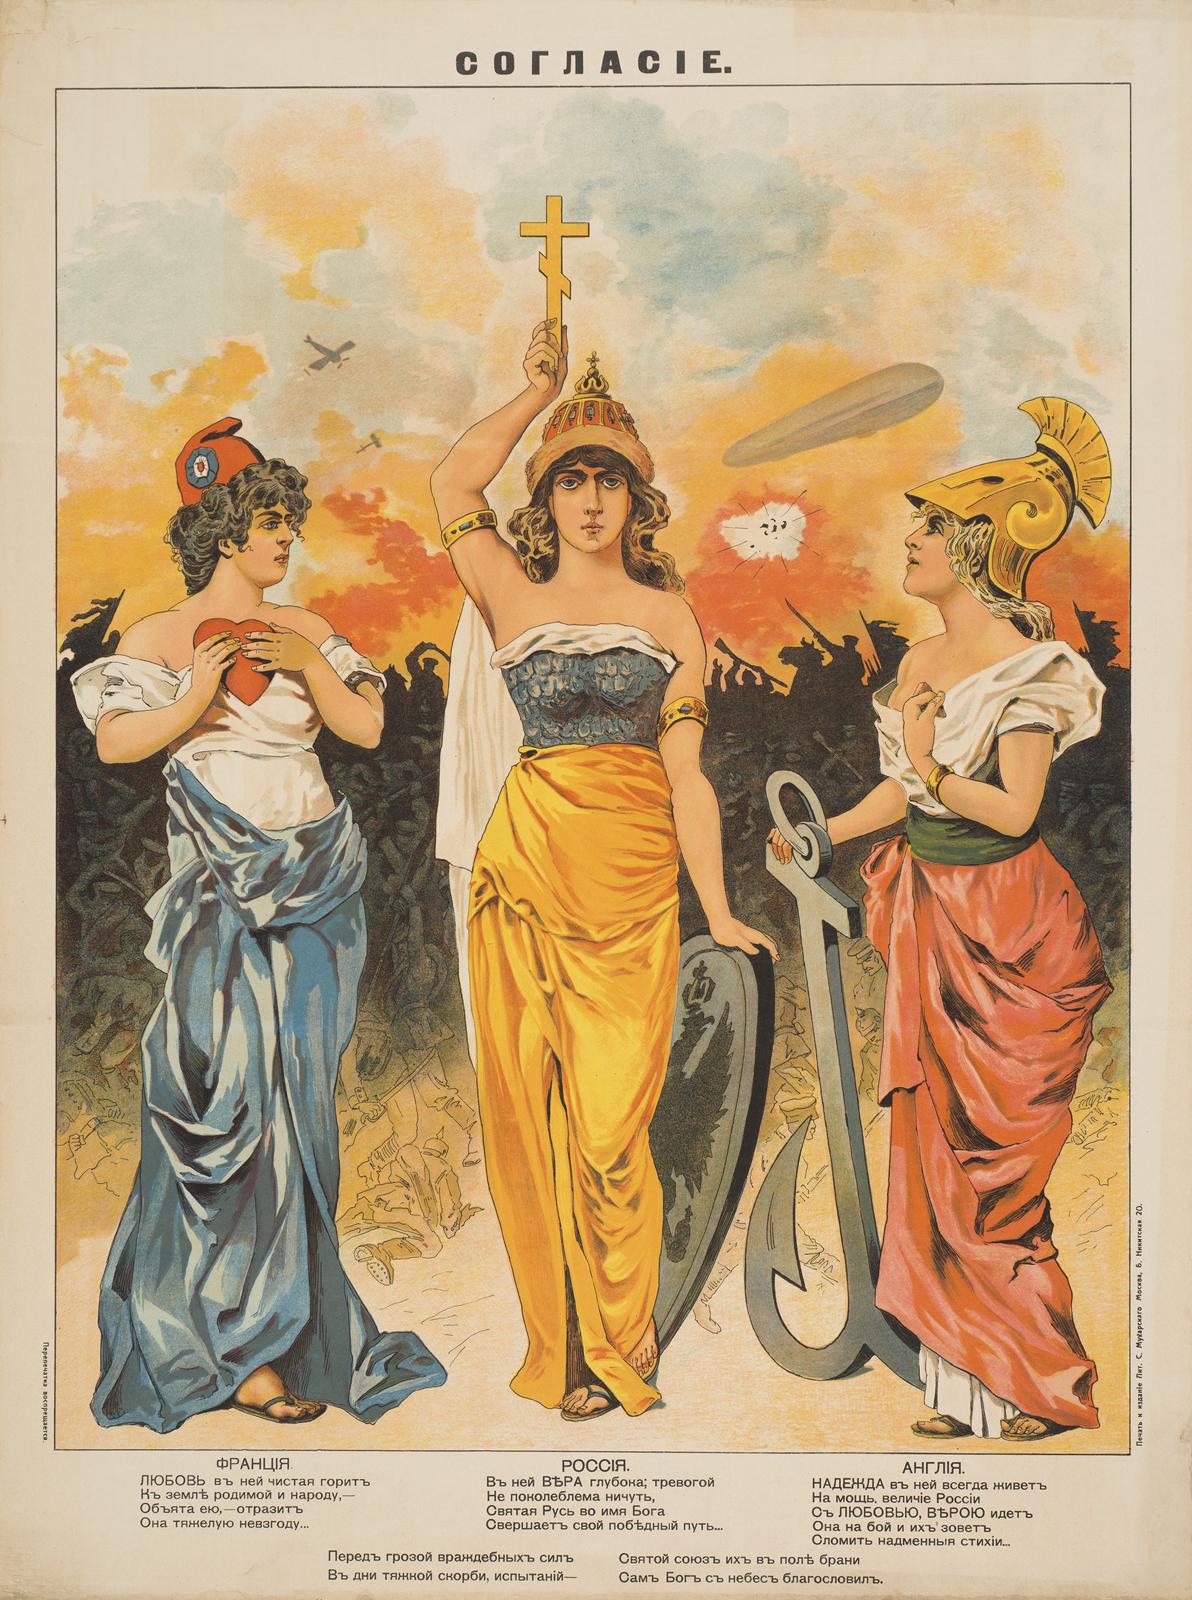 """Tríplice Entente representada num pôster russo de 1914 intitulado """"Concórdia"""": Marianne representa a França à esquerda, a Mãe-Rússia ao centro, Britannia representa a Grã-Bretanha à direita -- e ao fundo, a guerra."""